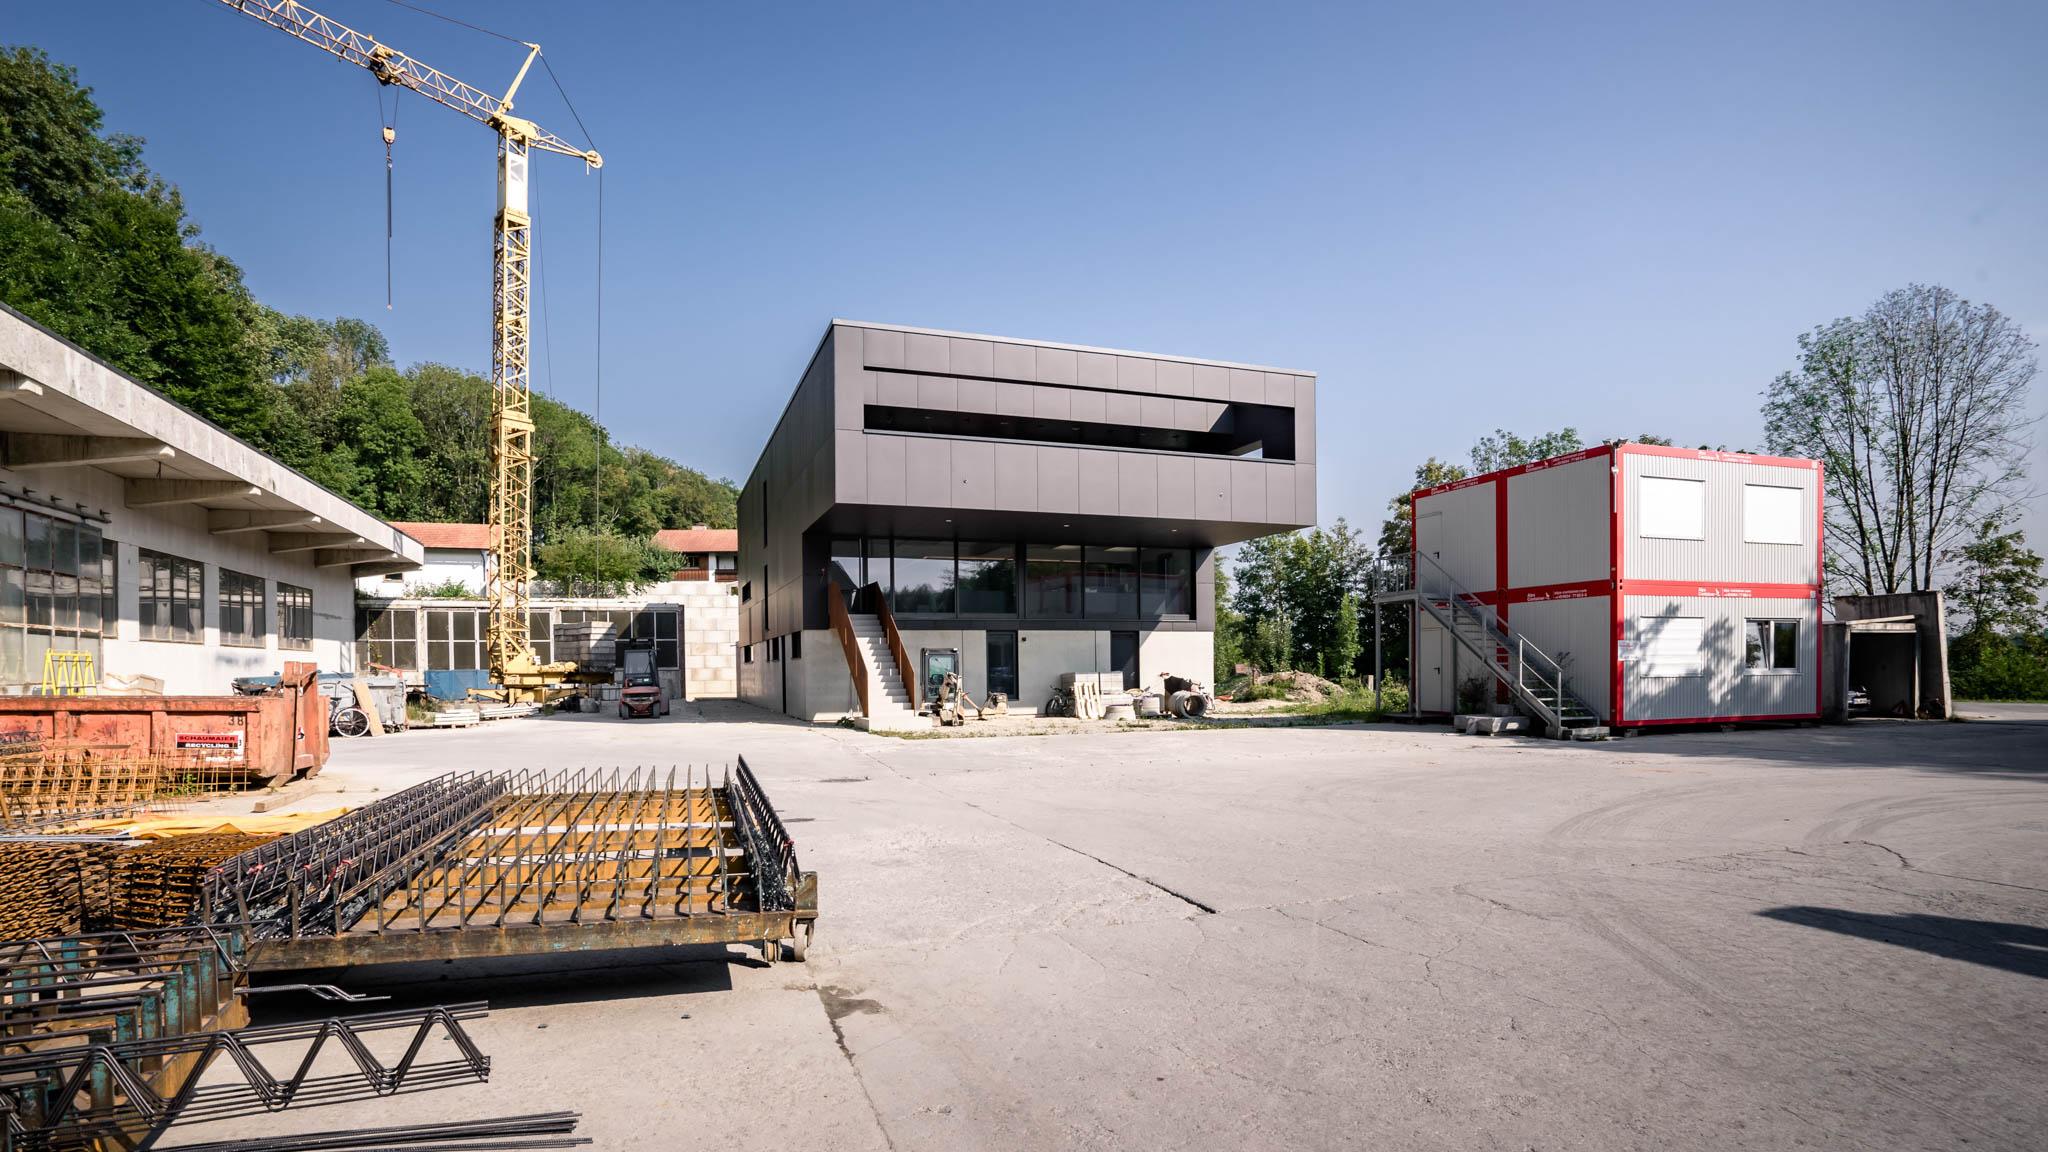 portfolio-bauunternehmen-fuch-geschäftsgebäude-wohnhaus-surheim-2.jpg